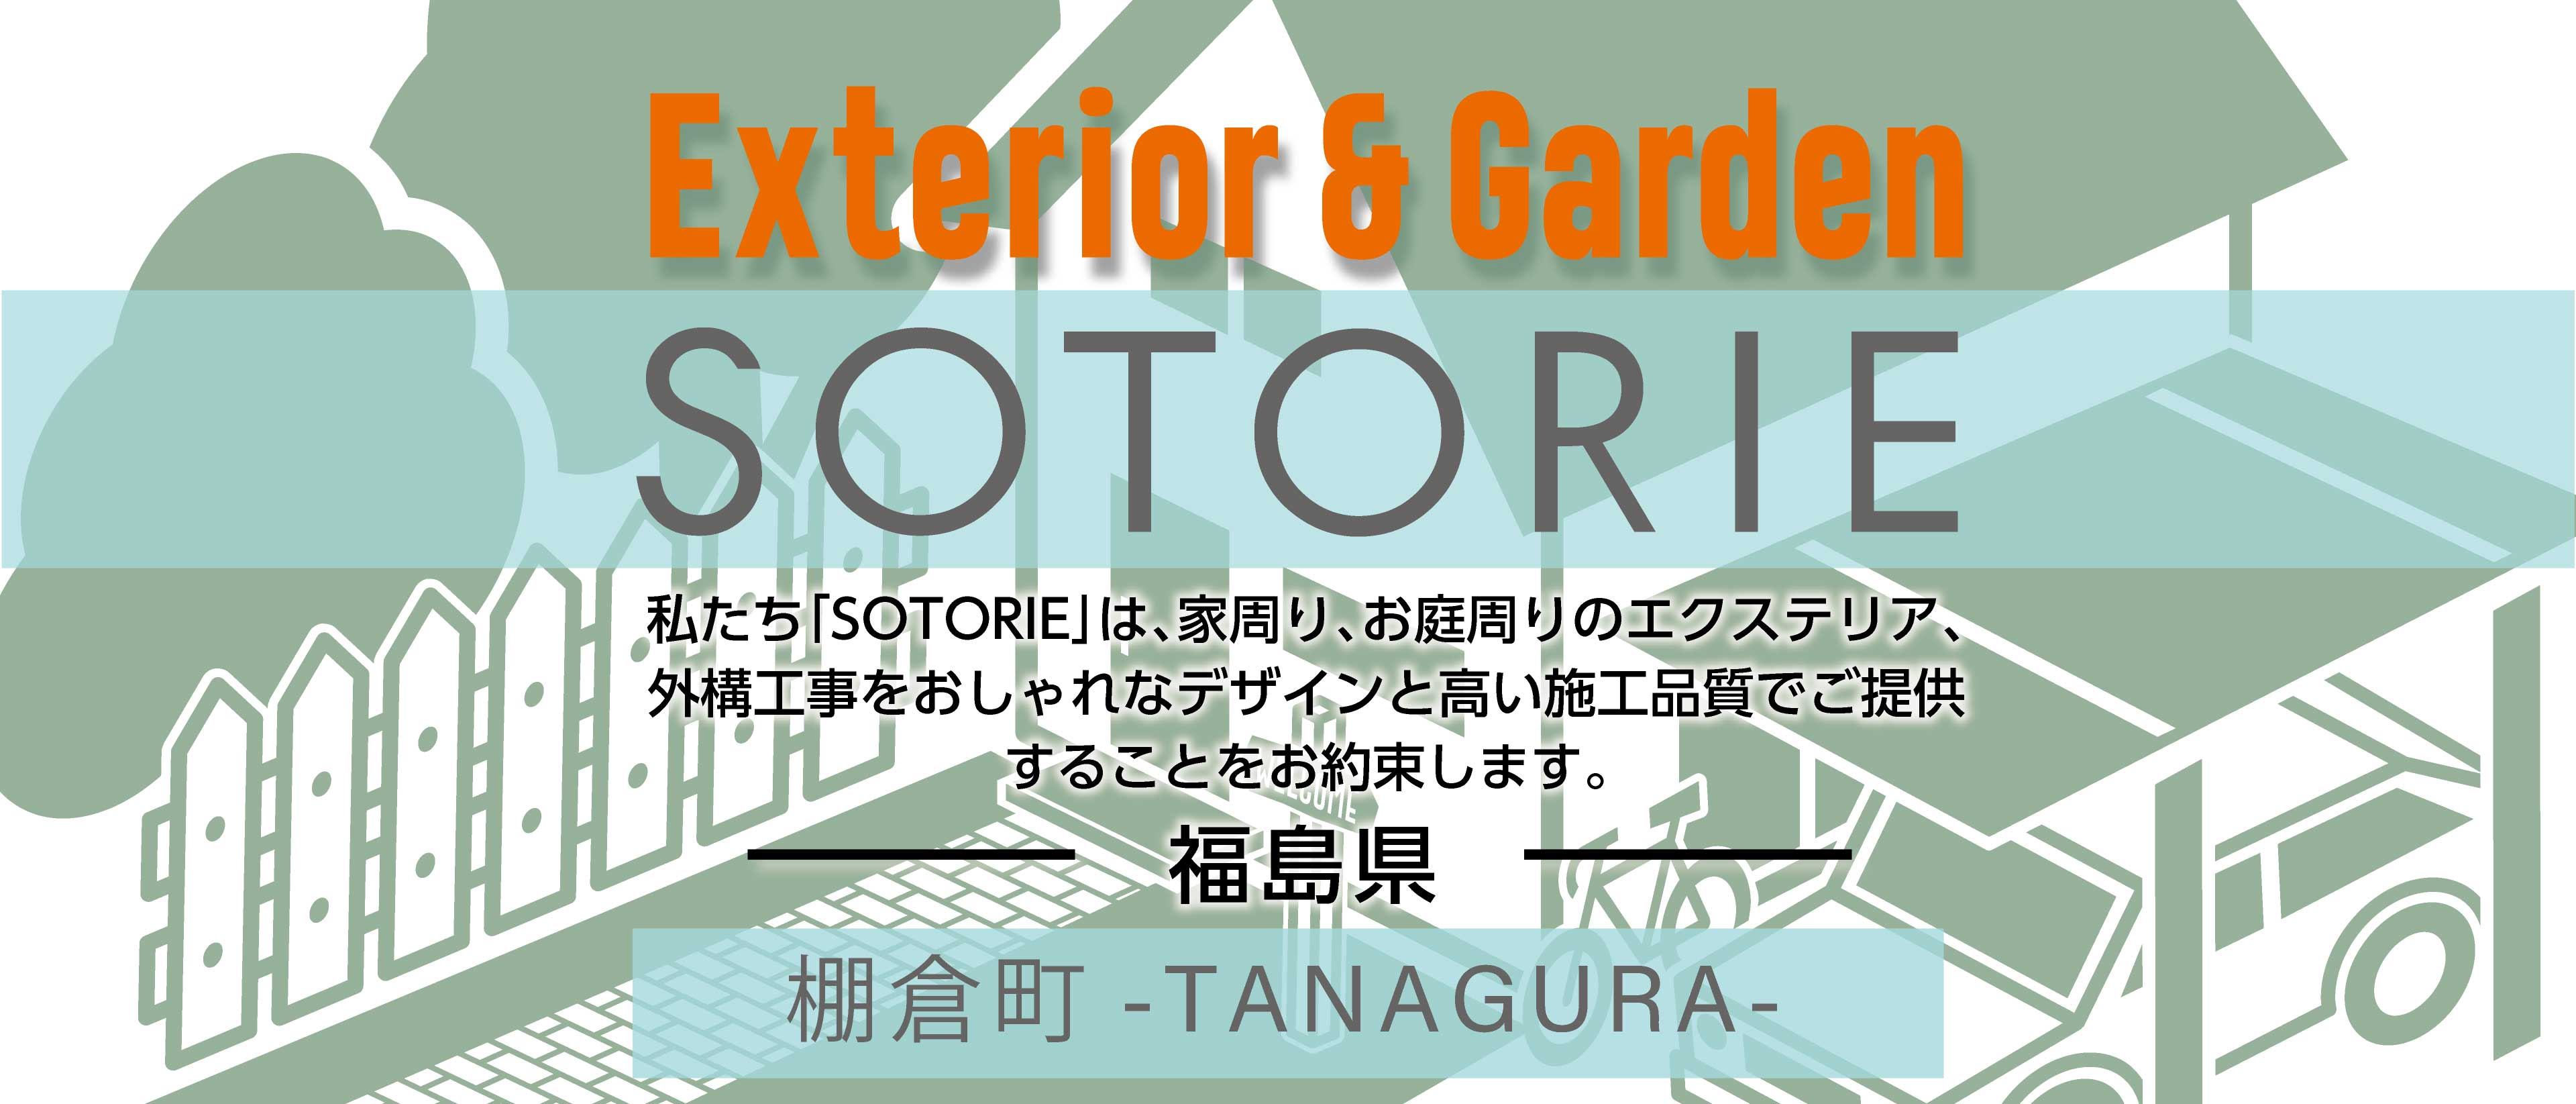 ソトリエ棚倉町では、家周りと庭周りの外構、エクステリア工事をおしゃれなデザインと高い施工品質でご提供することをお約束します。